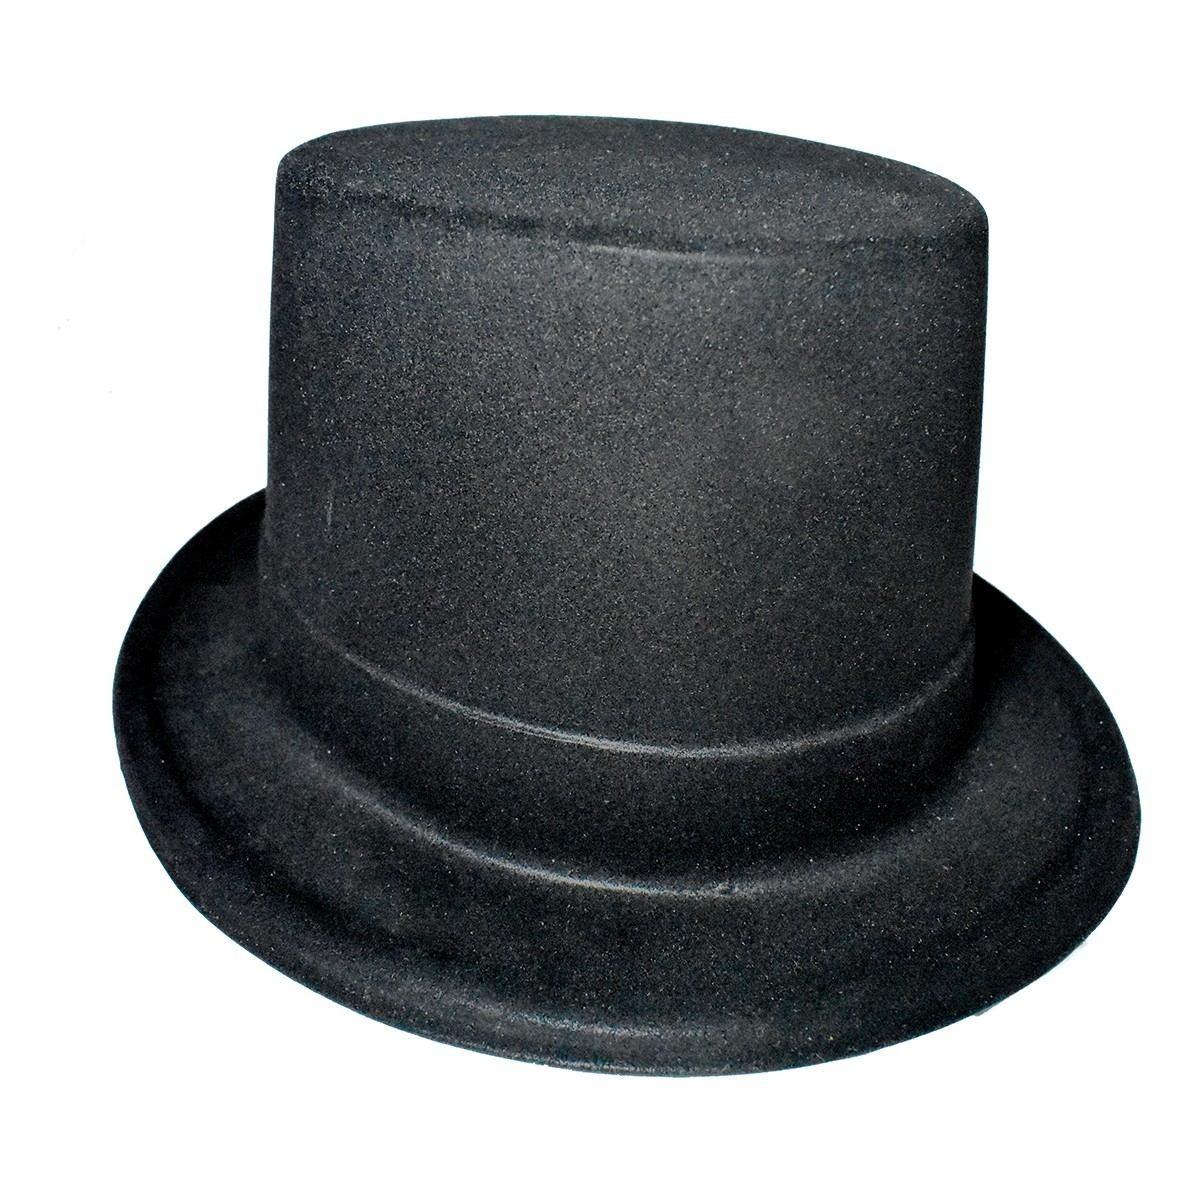 48d706286e693 10 Sombreros Copa Negros Para Fiestas Eventos Tipo Mago -   155.00 ...